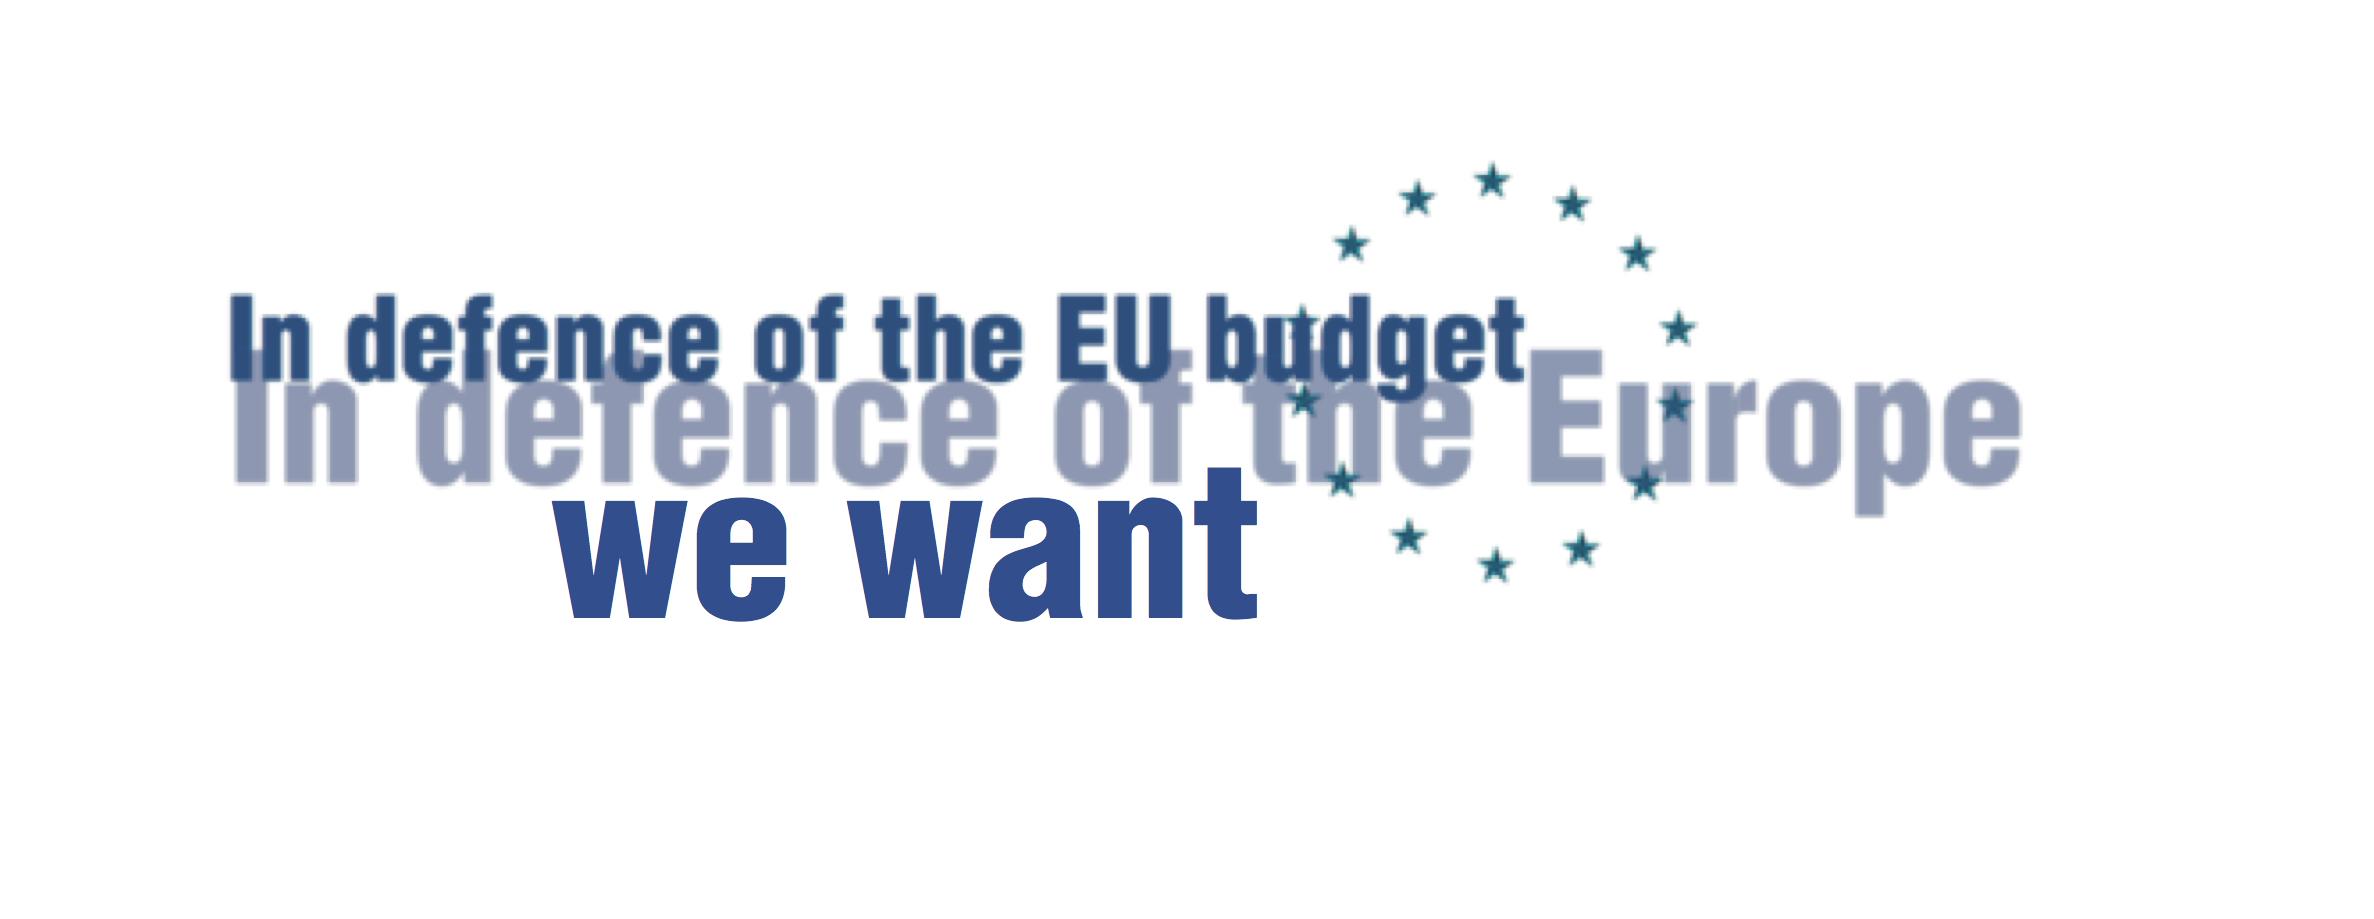 eu budget defence